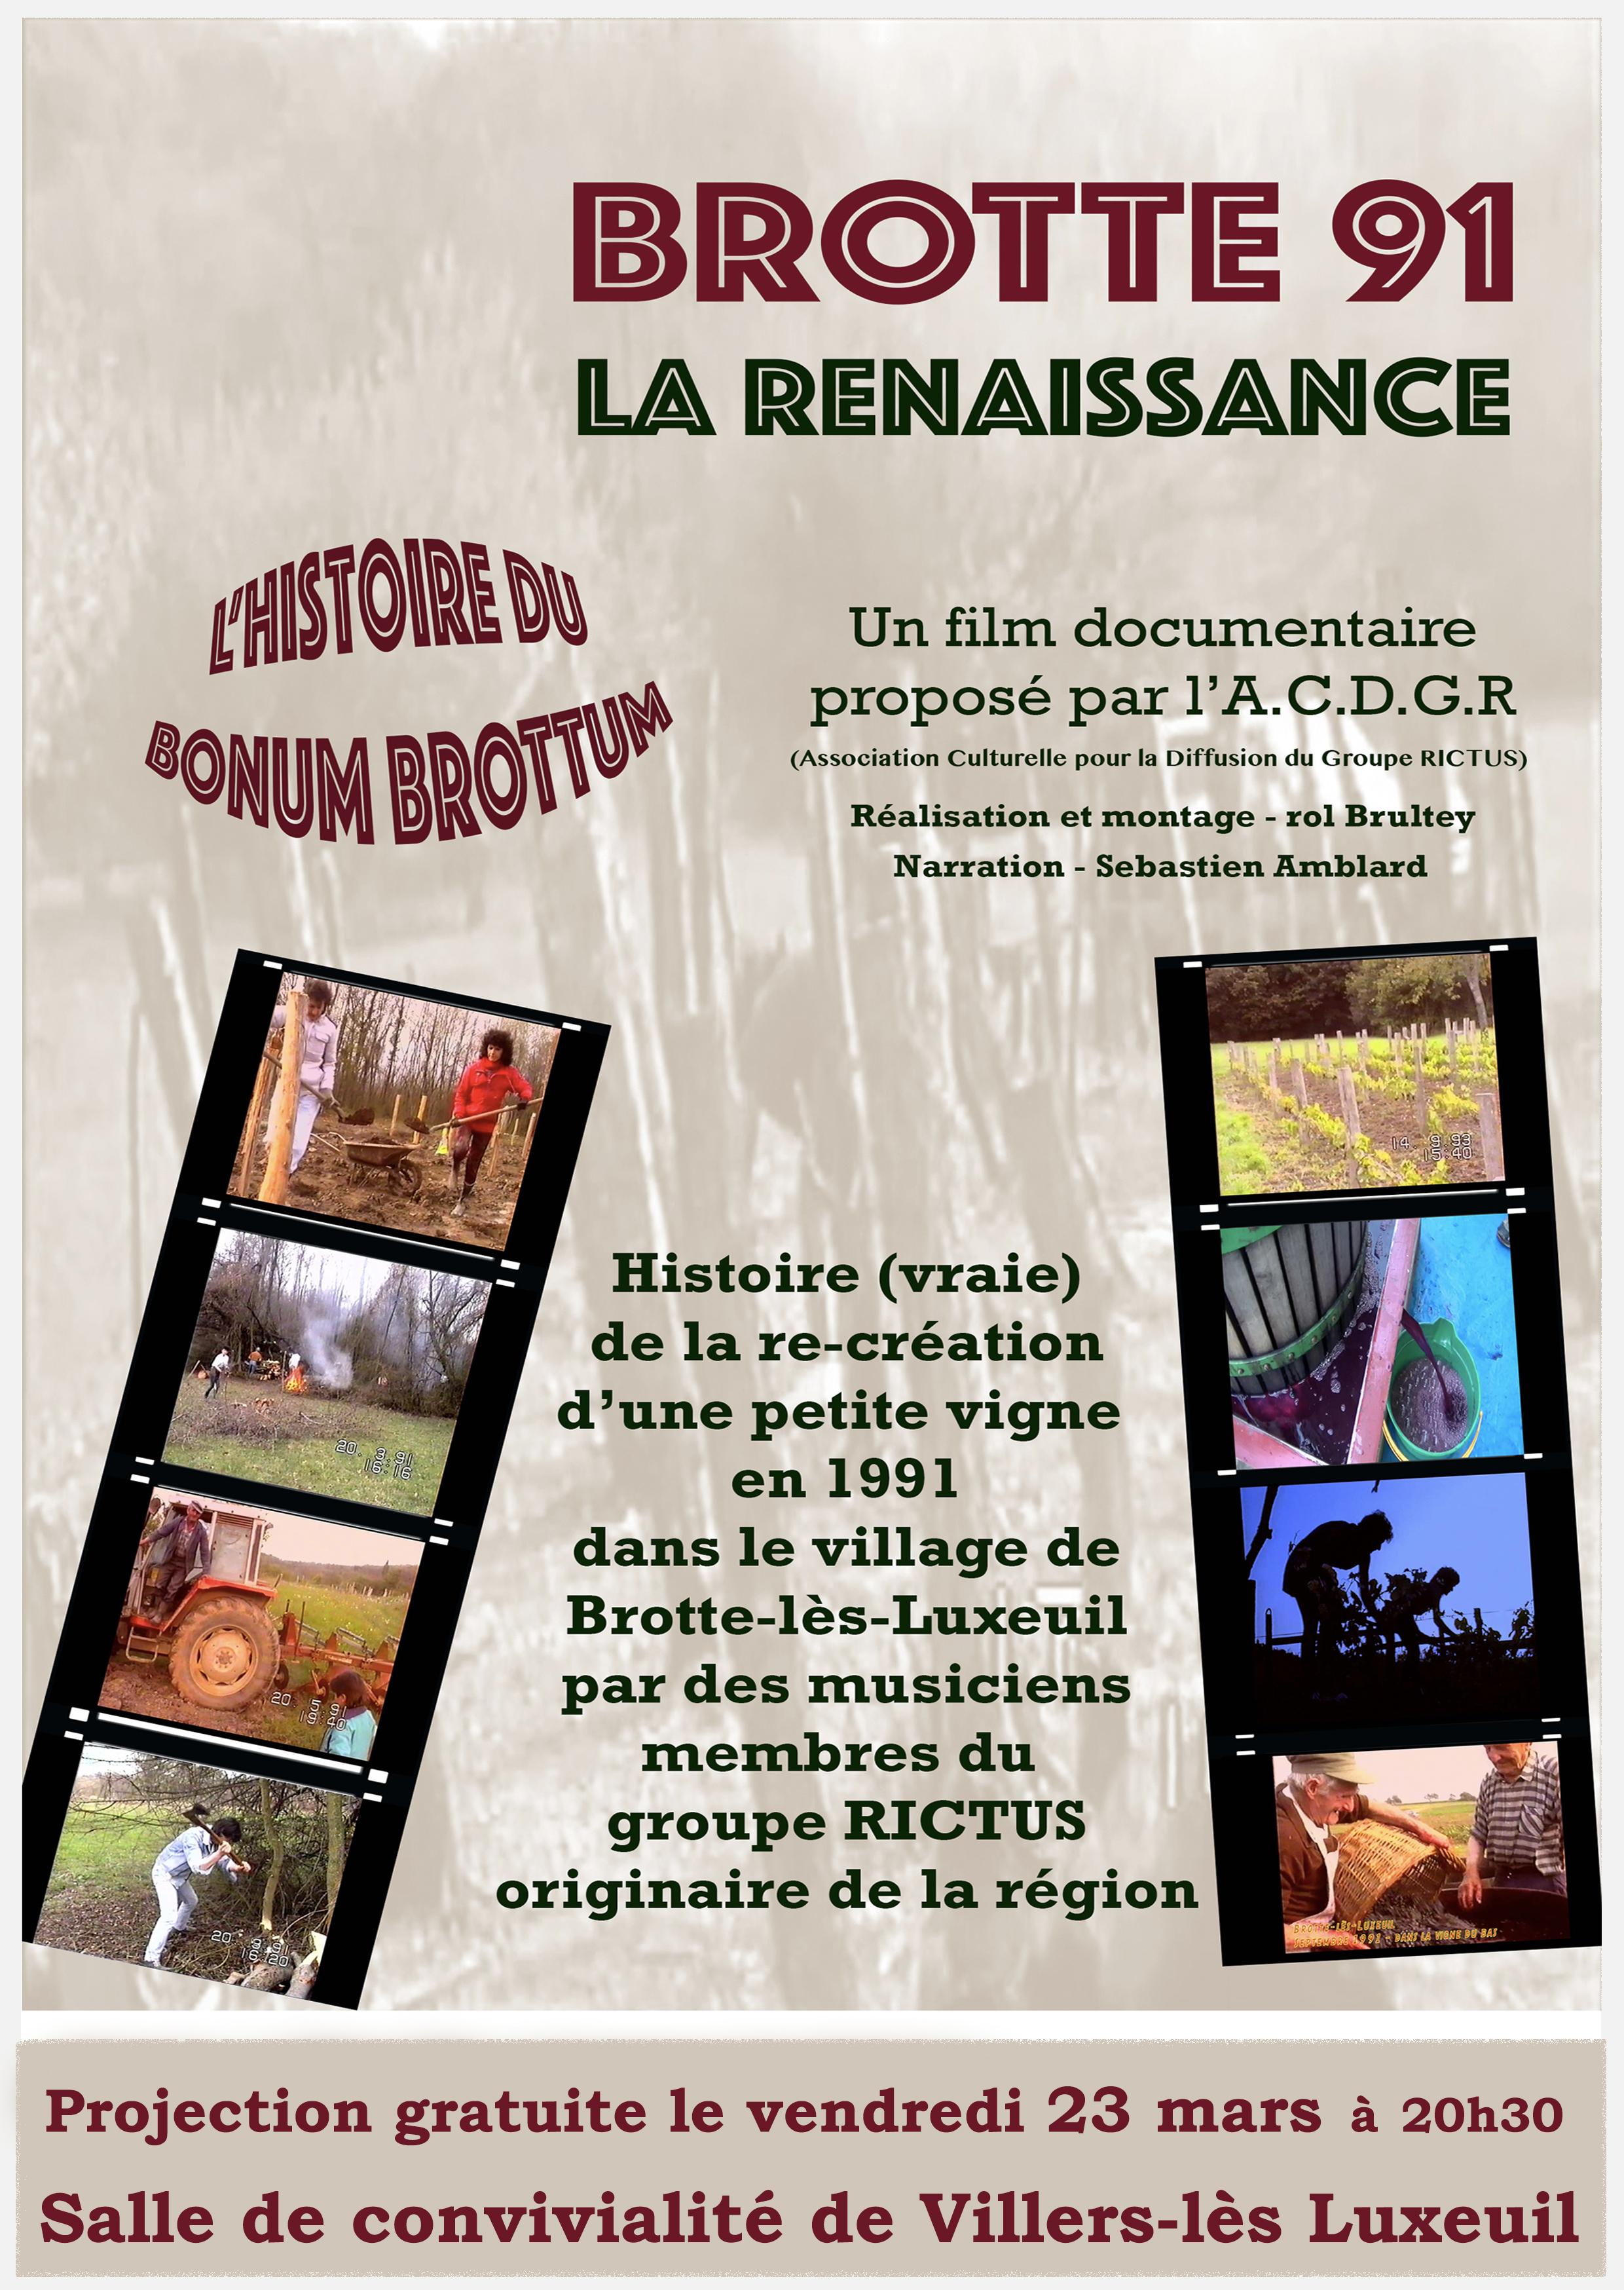 https://www.villers-les-luxeuil.com/projets/villers/files/images/2018_Mairie/Divers_pour_site/2018_03_23_Affiche_Film_Villers.jpg